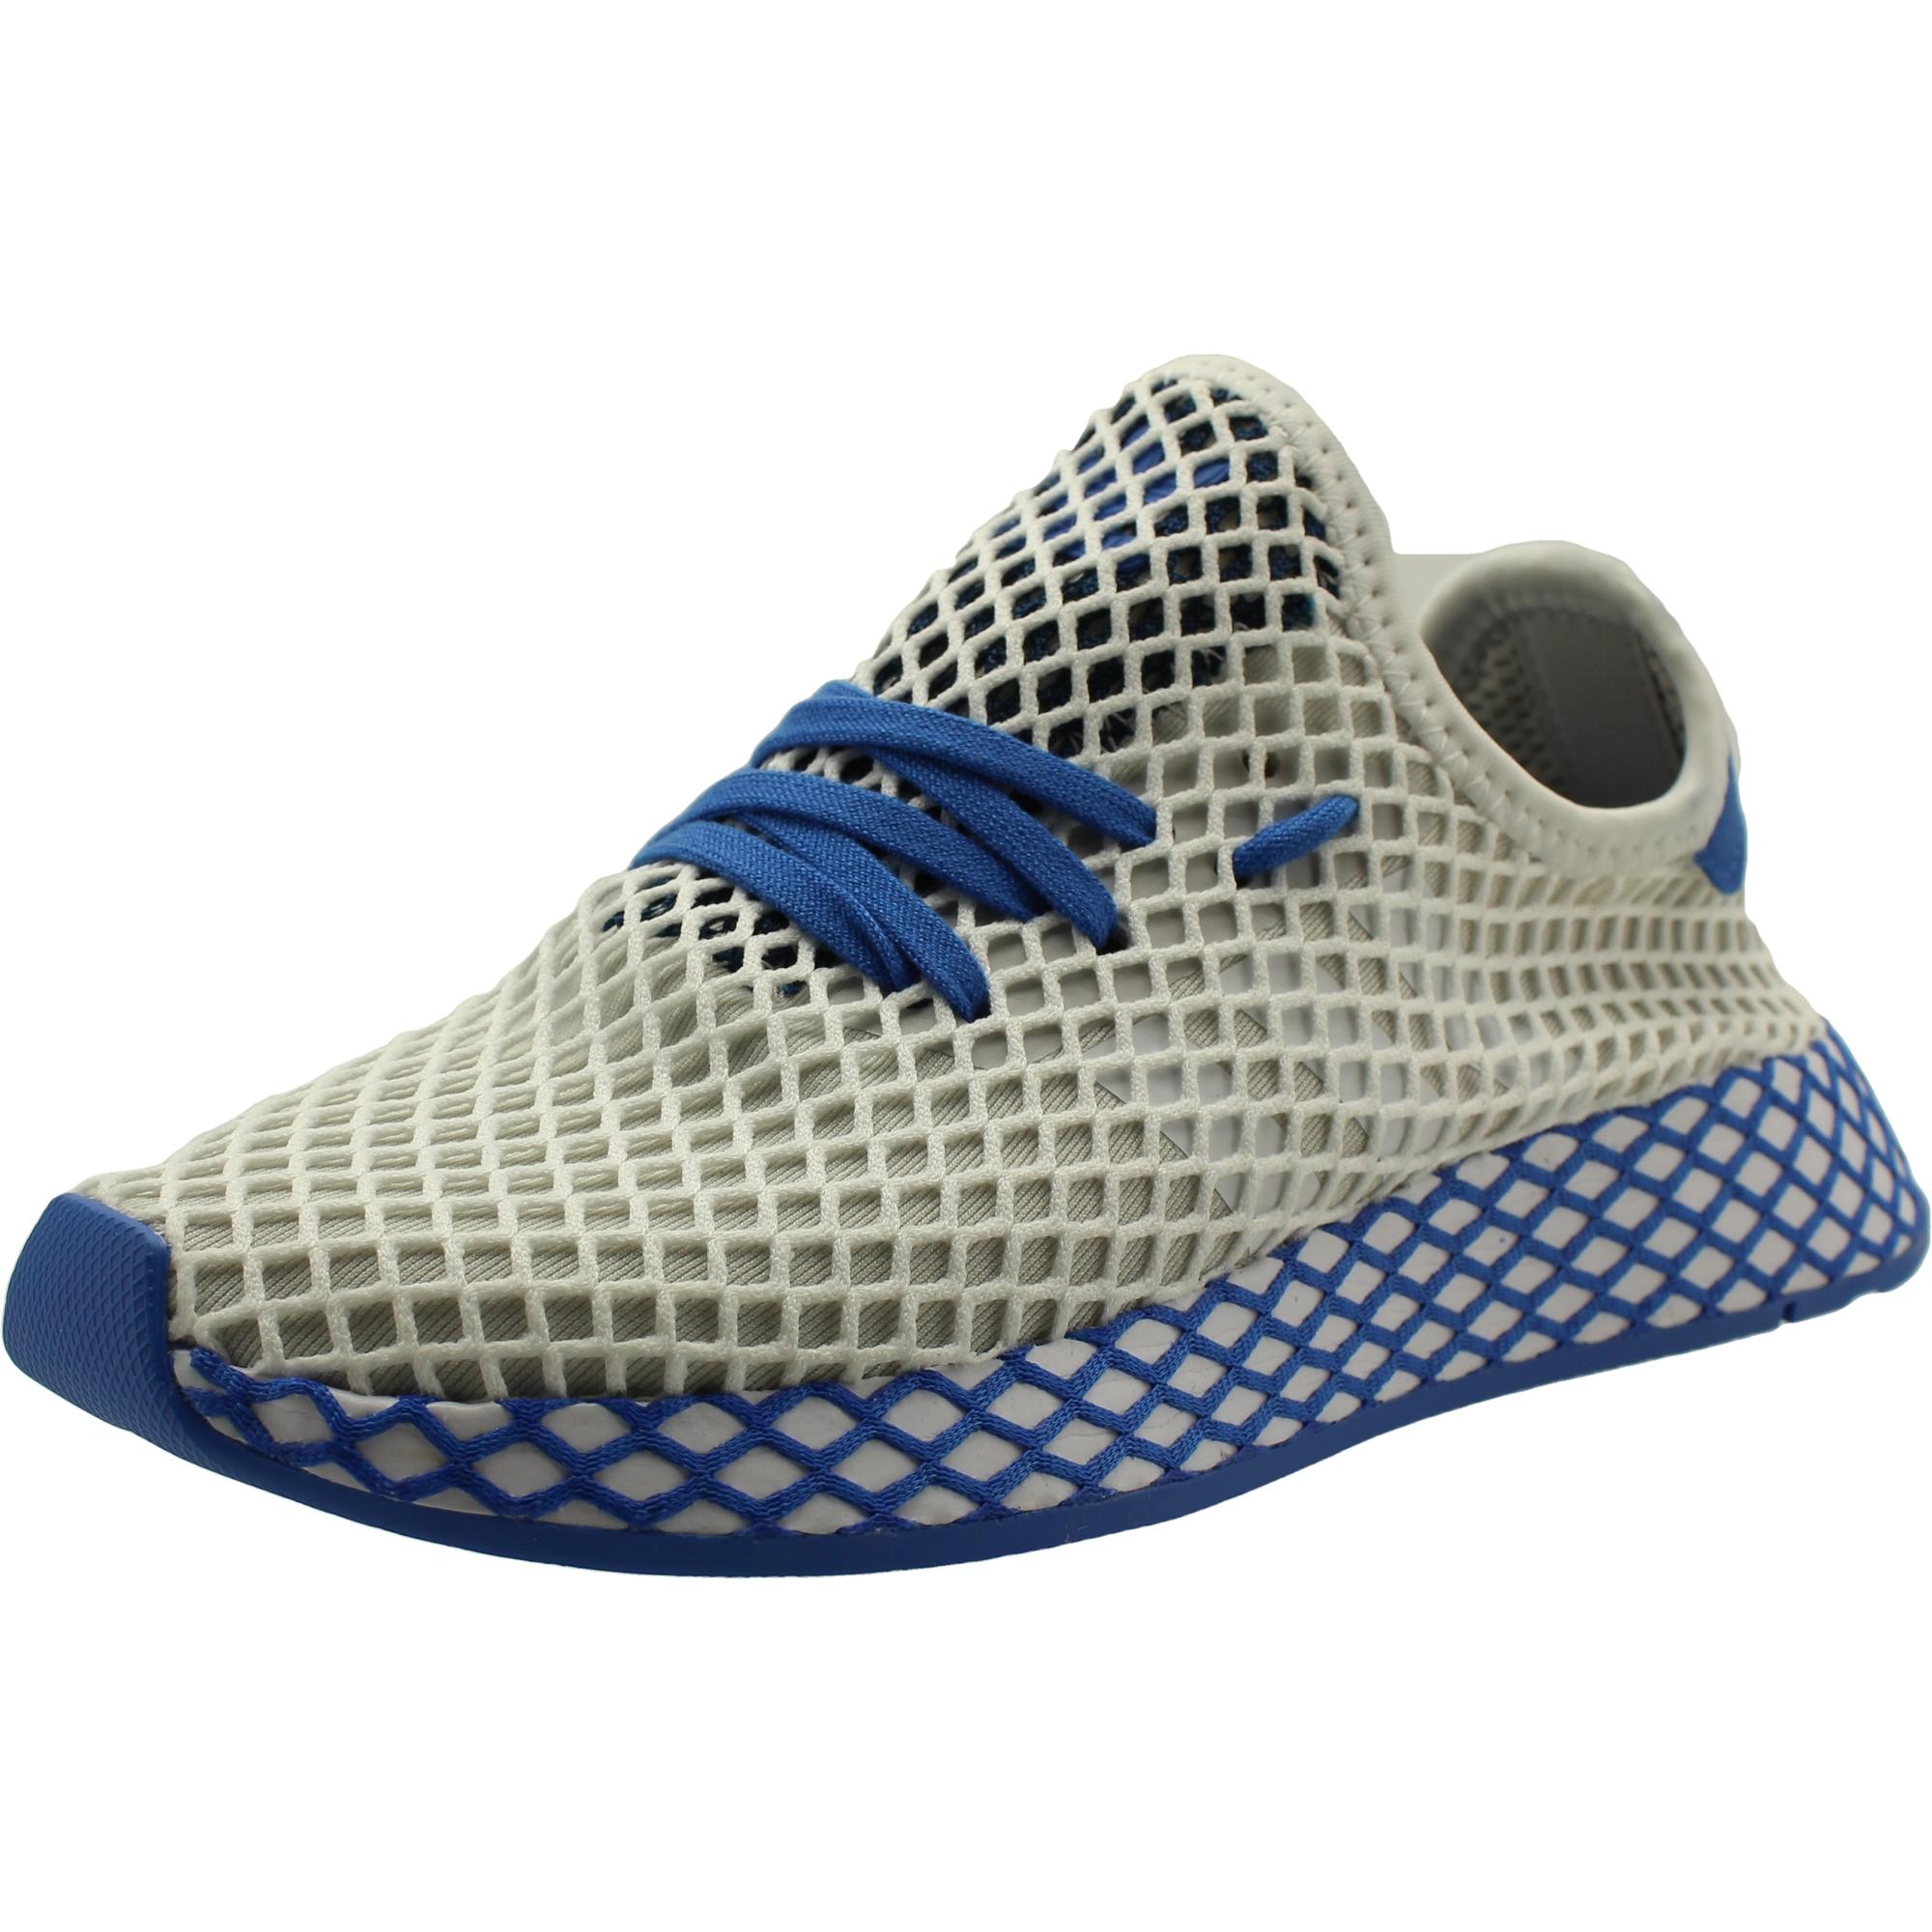 WeißTrue Mesh J adidas Blue Originals Deerupt Runner Jugend cj5L34ARq